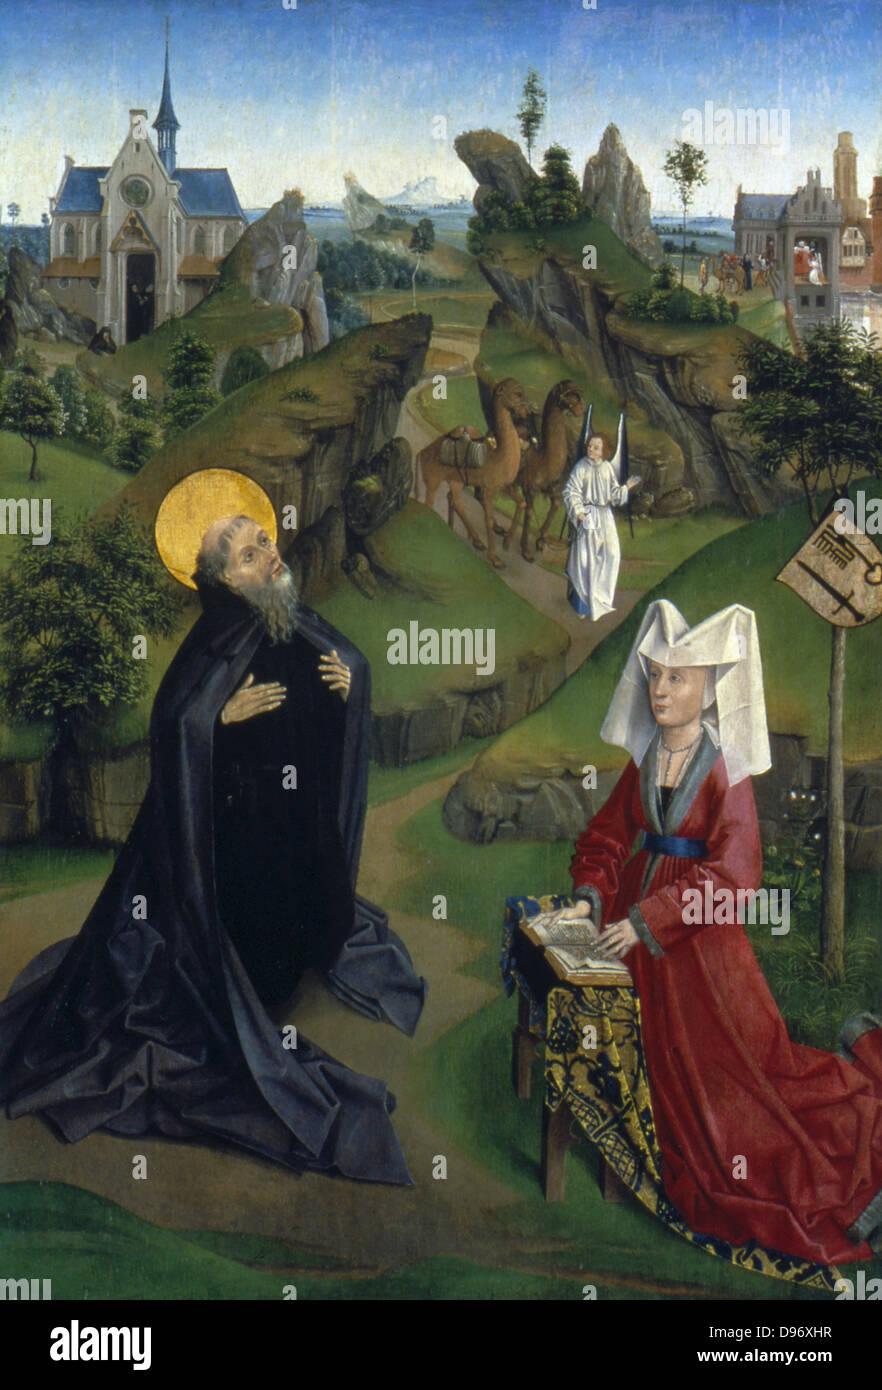 La légende de St Antony' (d'Égypte). Français anonyme. c1450. Photo Stock